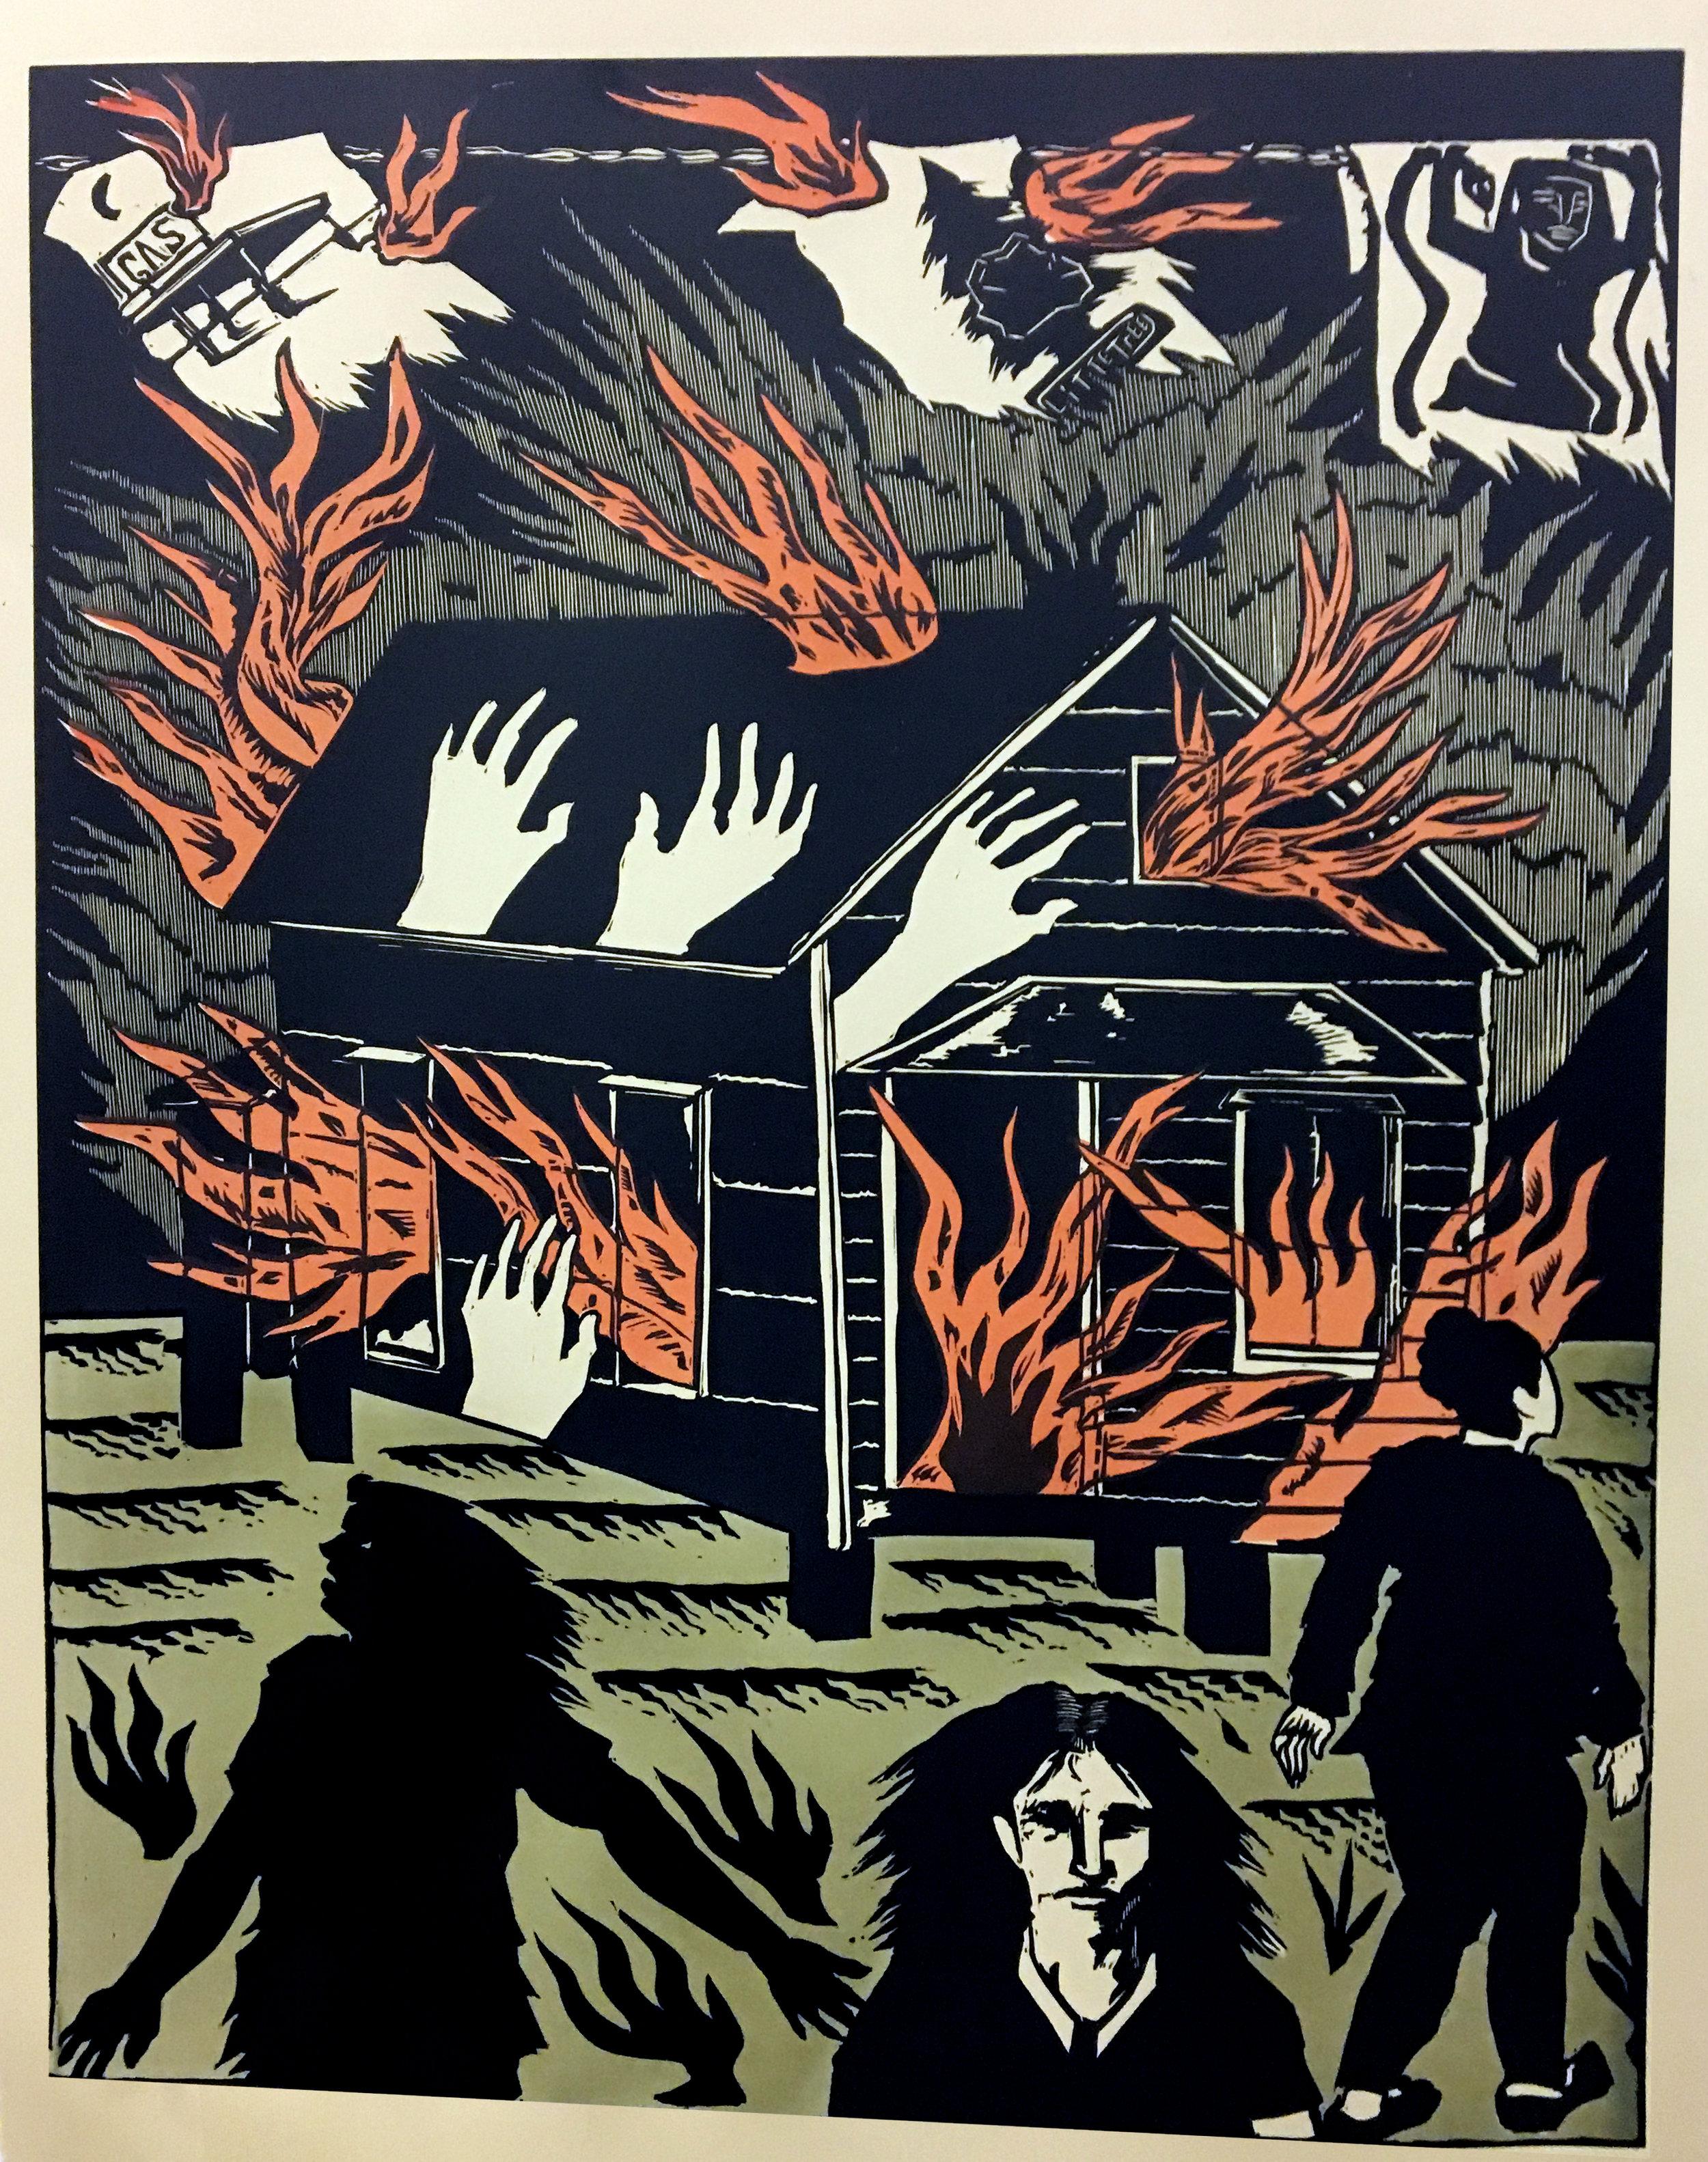 Emmett Merrill,  The Fire,  Relief print, 28 x 22, $350